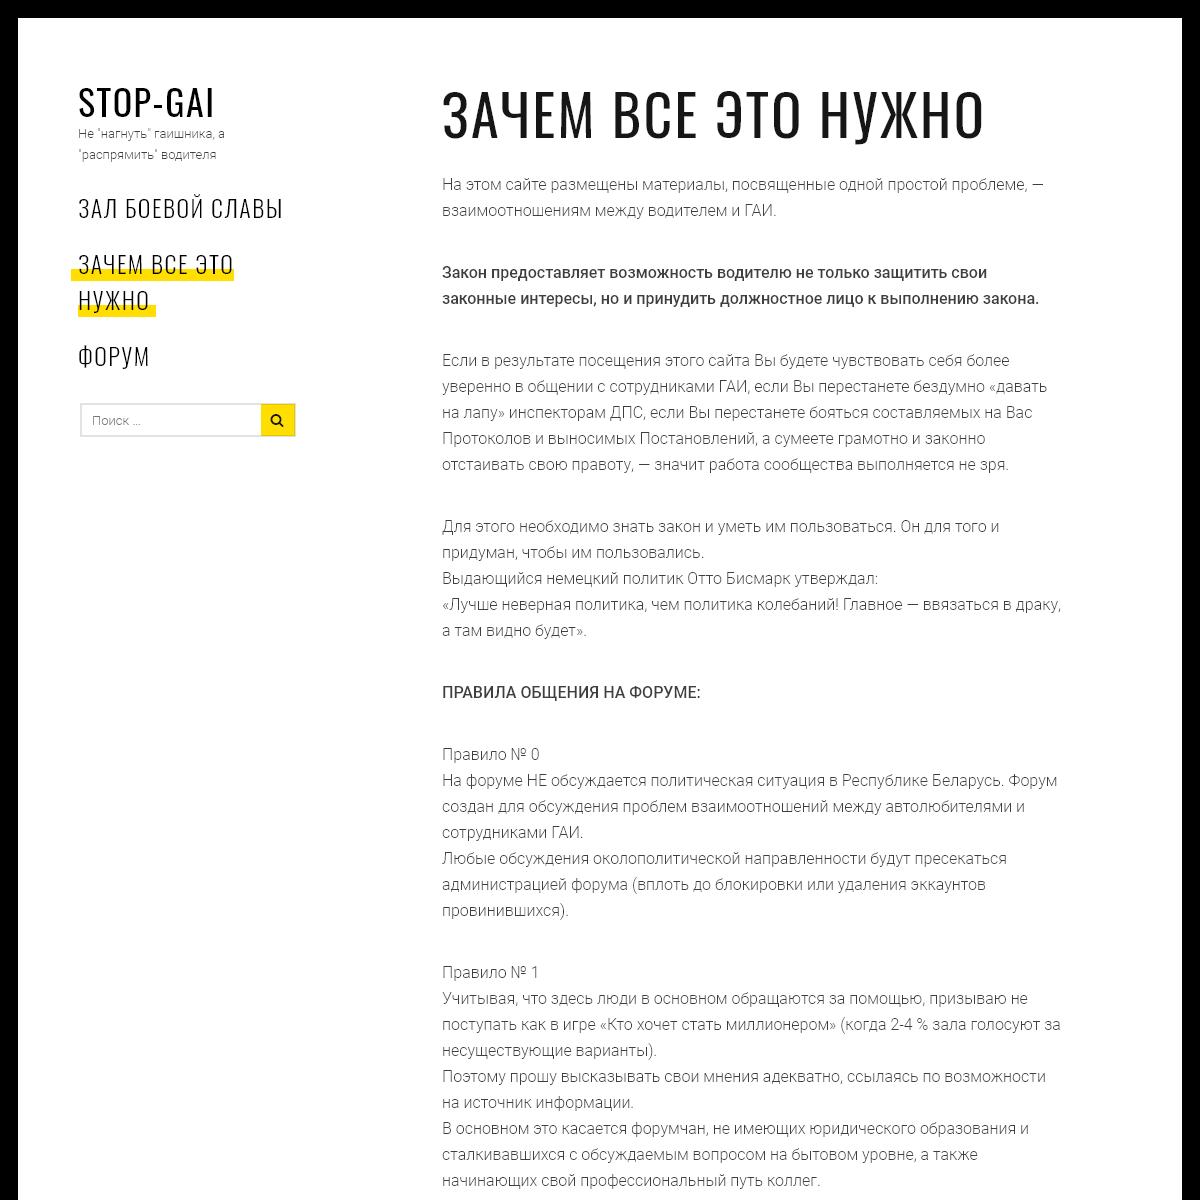 STOP-GAI — Не -нагнуть- гаишника, а -распрямить- водителя